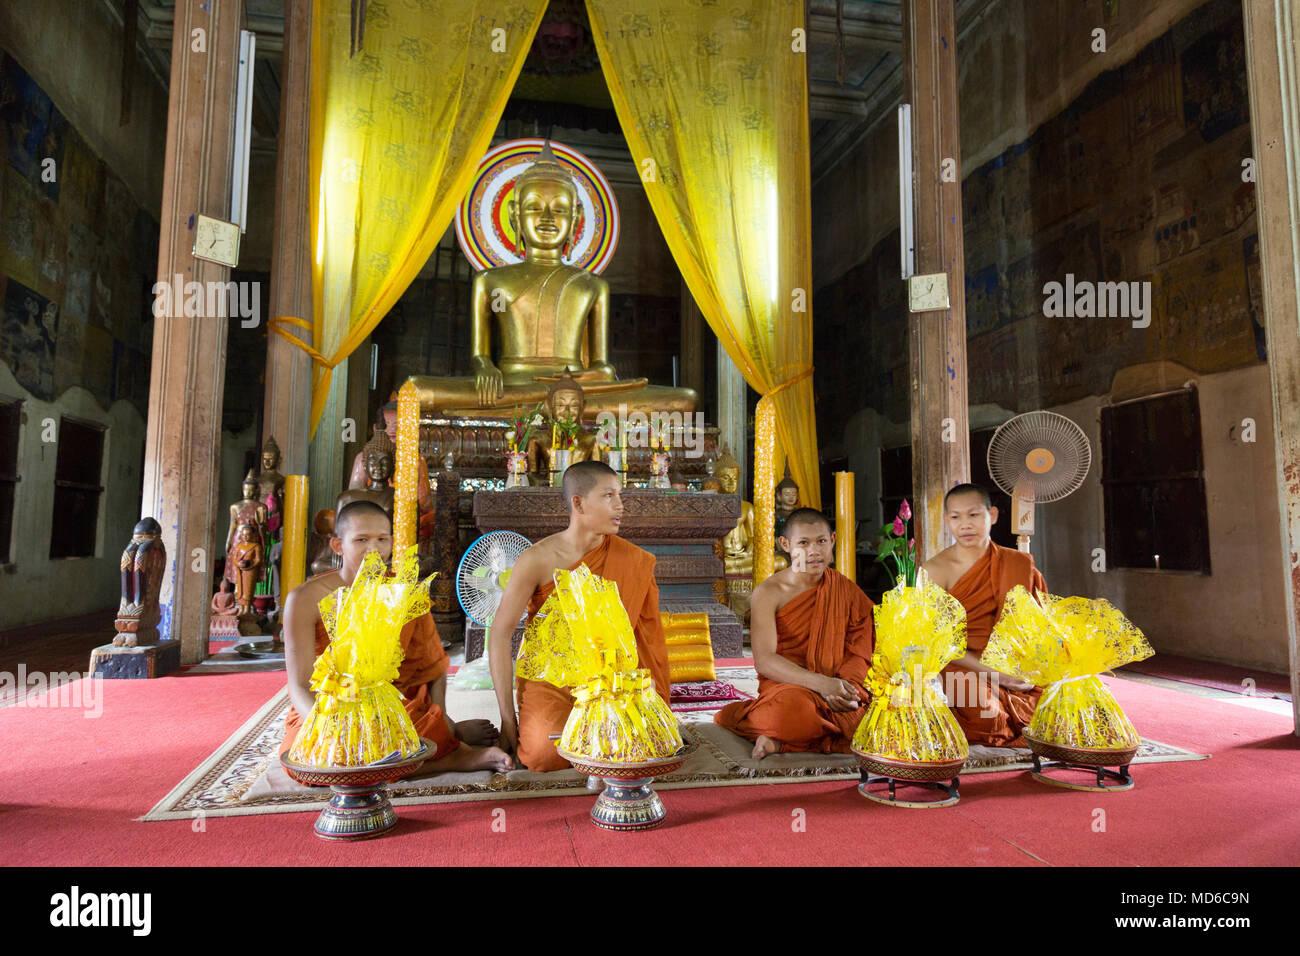 Cambodge - quatre moines moines bouddhistes au cours d'une cérémonie au temple d'un sanctuaire bouddhiste, Siem Reap, Cambodge Asie Photo Stock